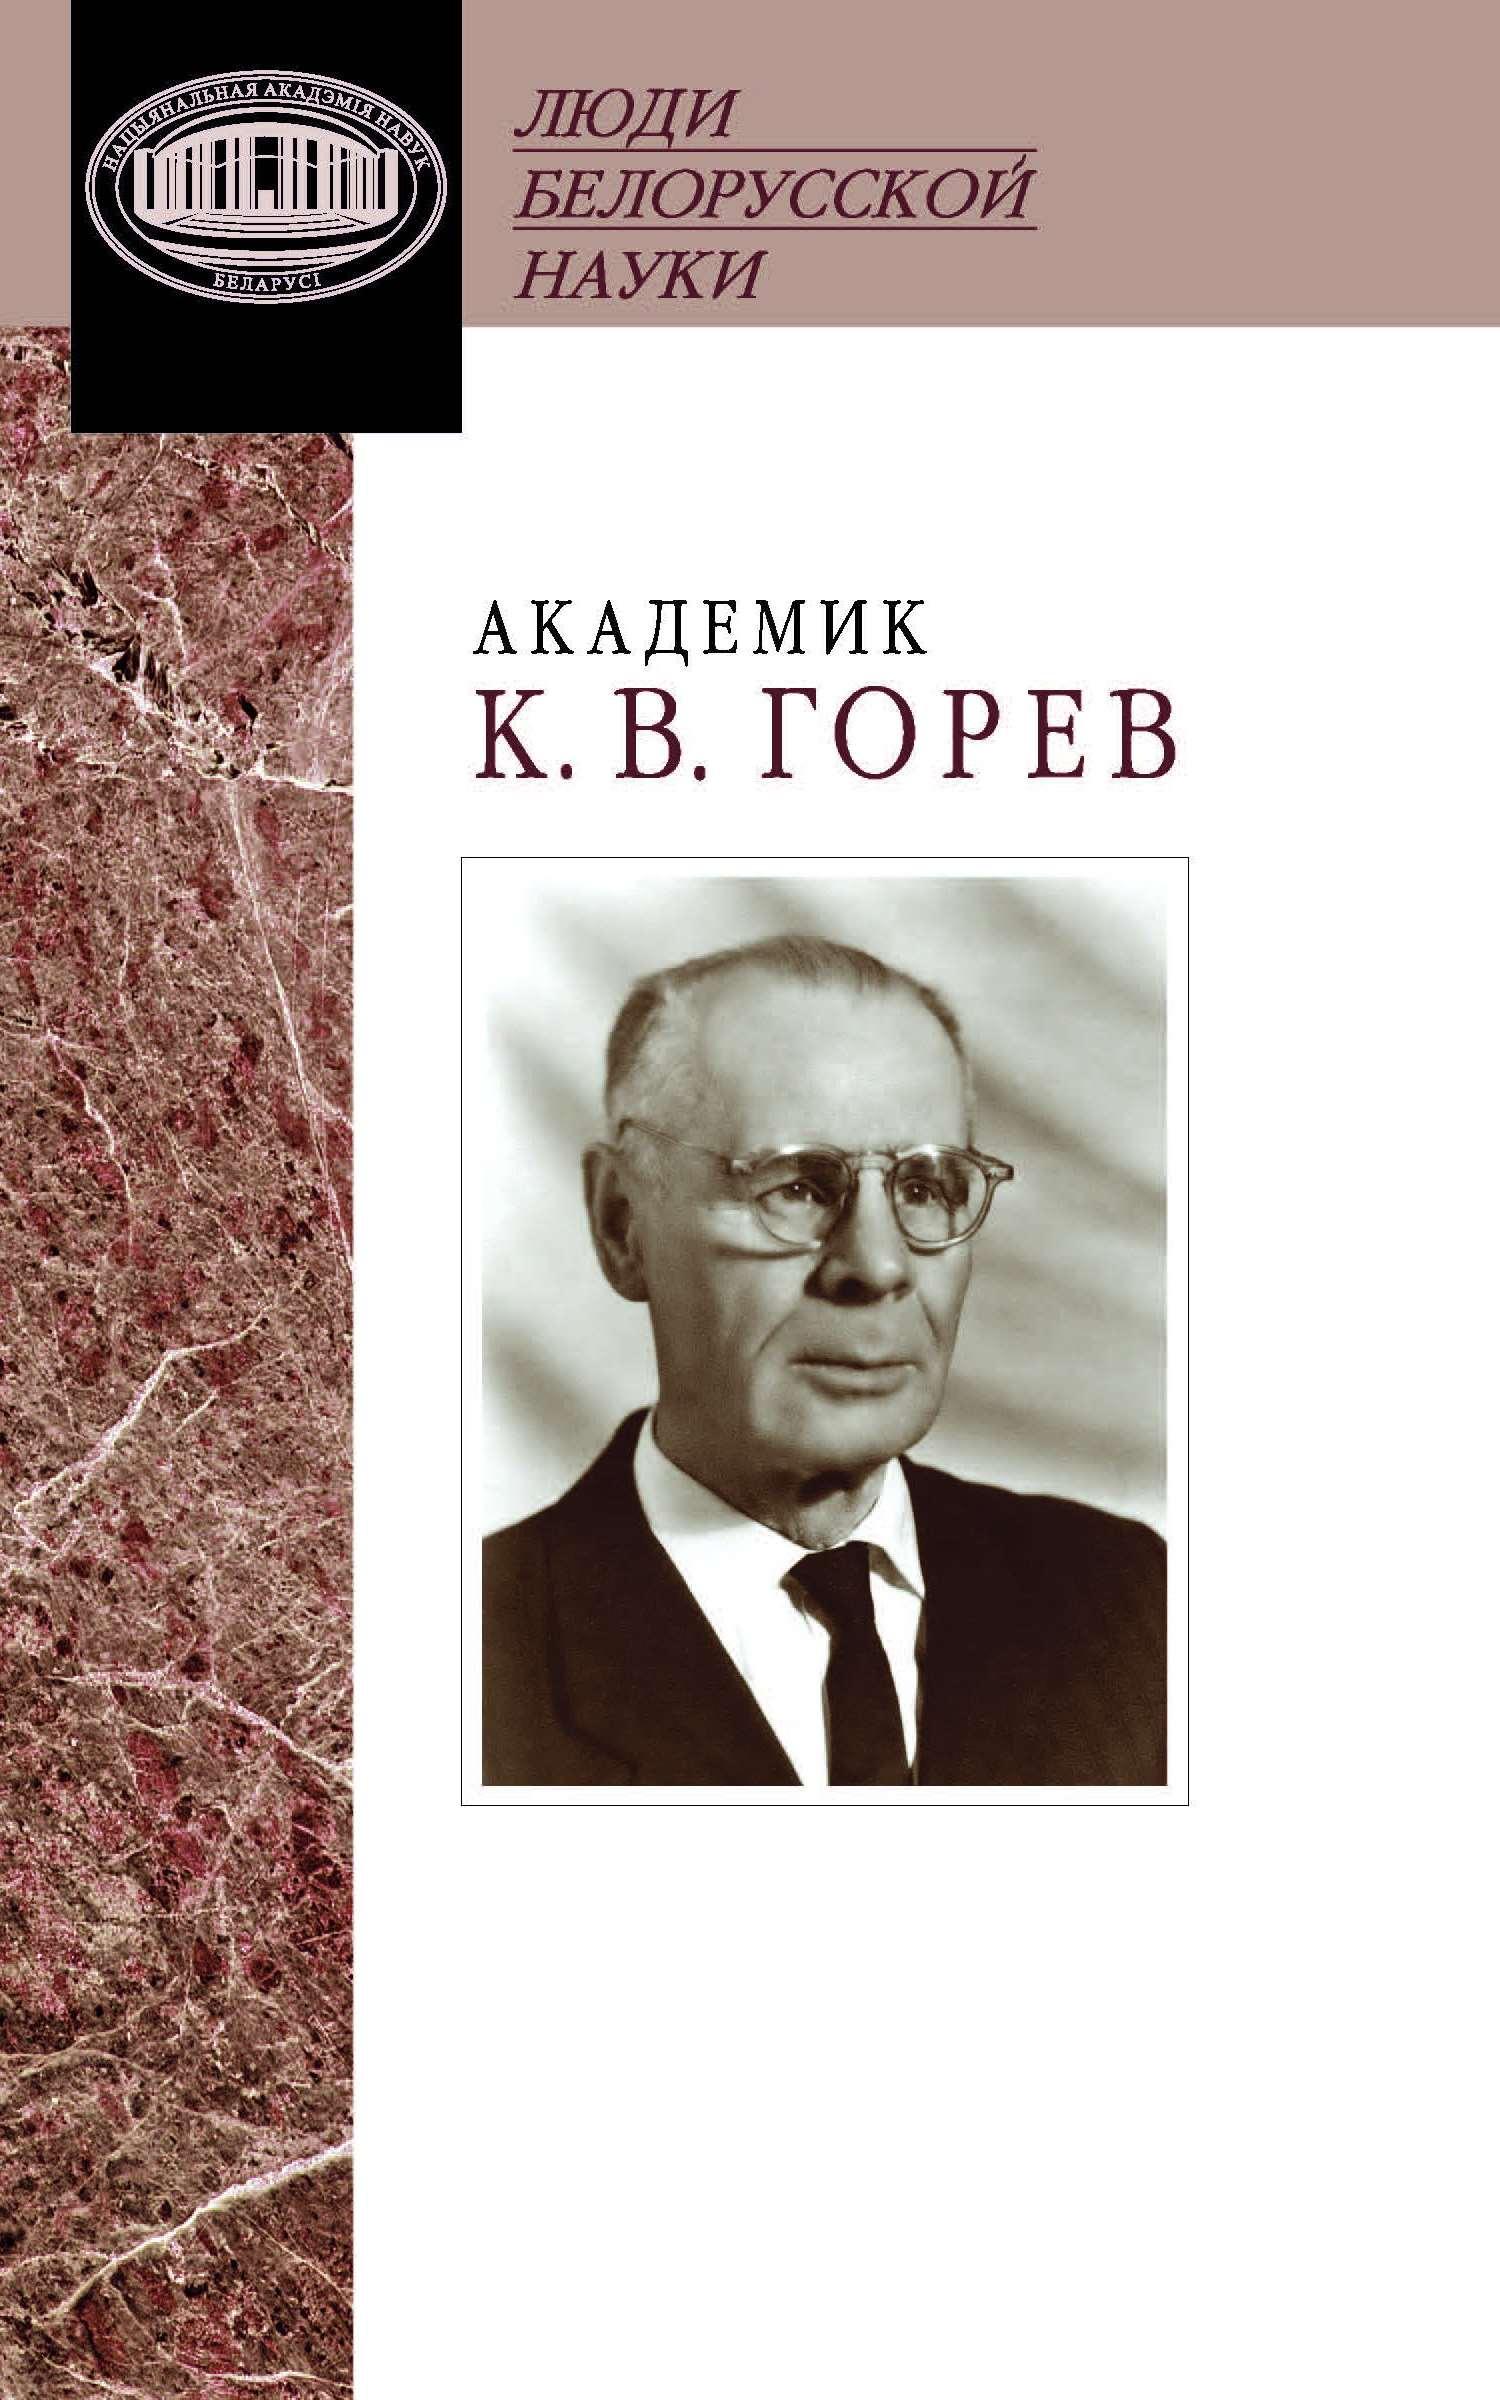 Отсутствует Академик К. В. Горев. Документы и материалы